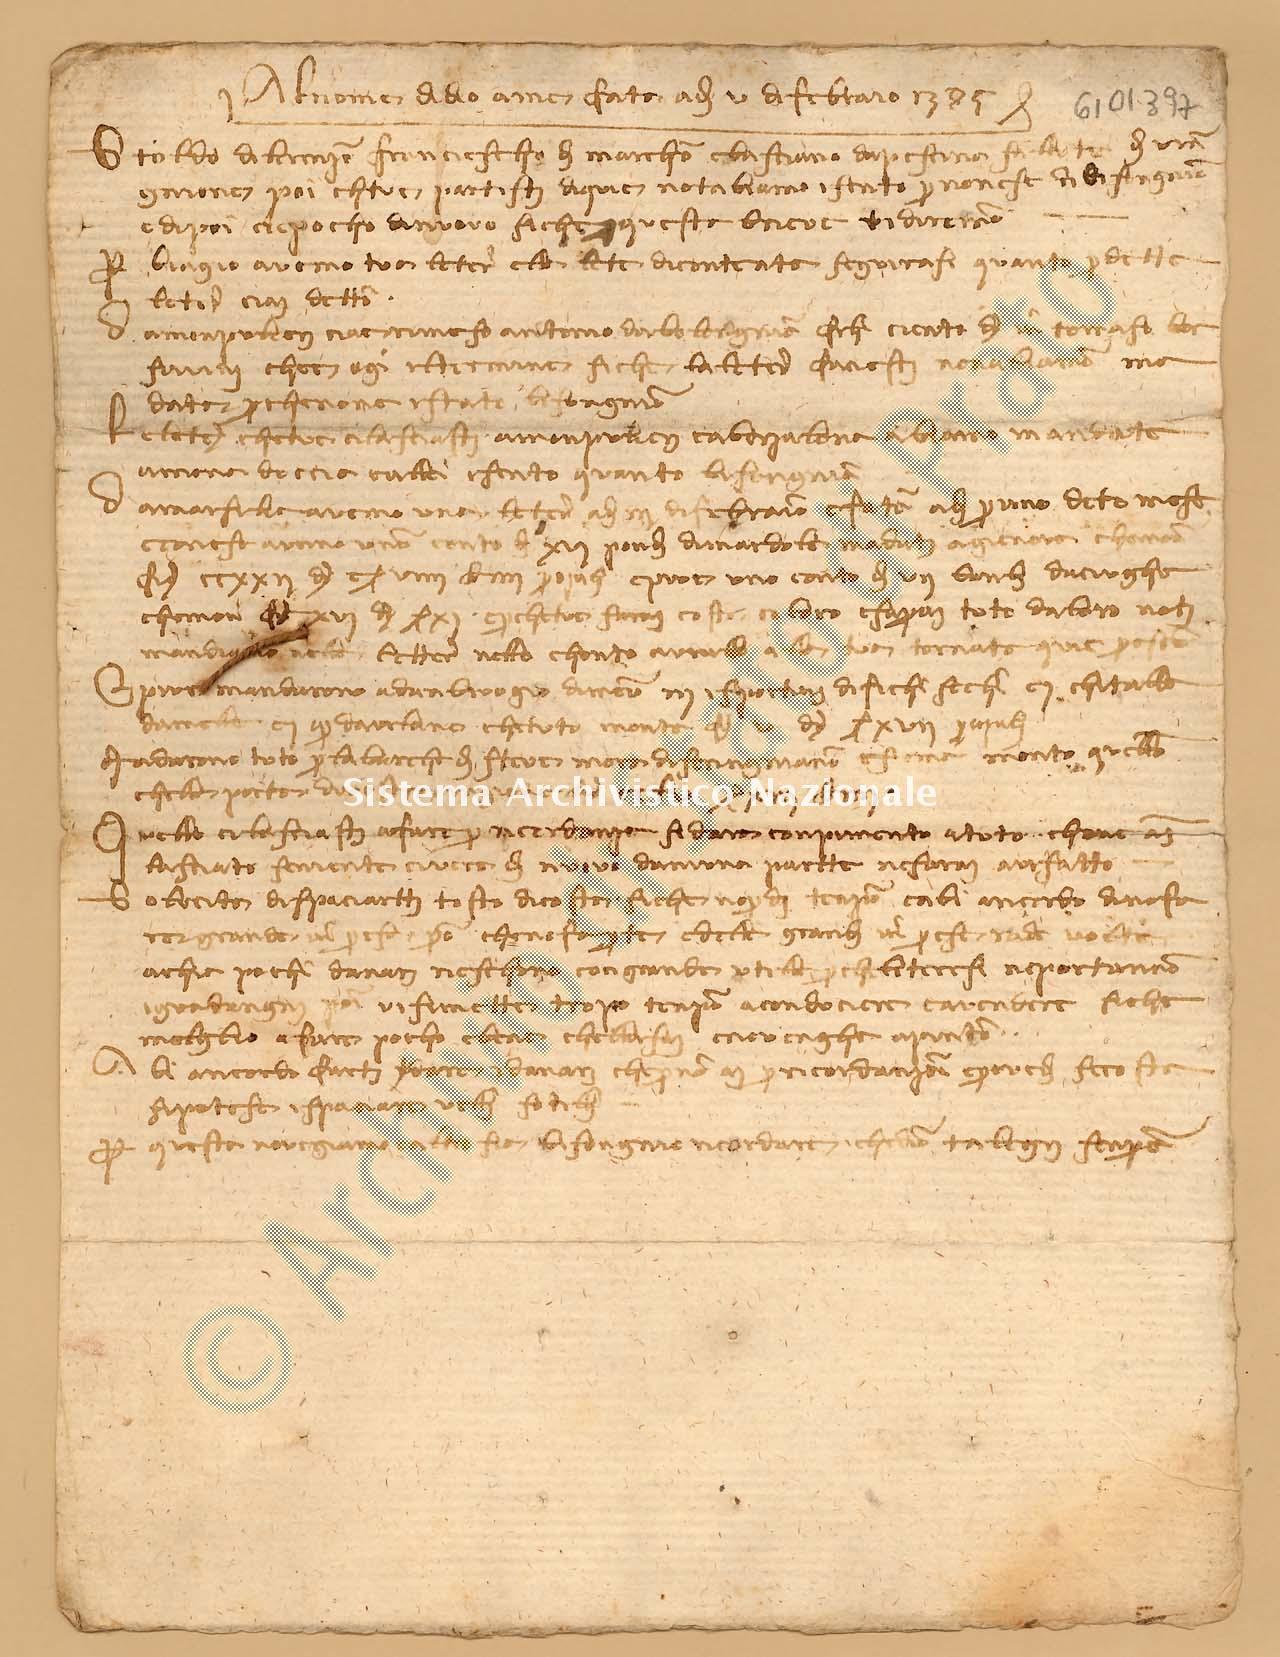 Archivio di Stato di Prato, Fondo Datini, Appendice al carteggio, 1116.120 Lettere Di Datini Francesco Di Marco e Basciano Da Pescina a Stoldo Di Lorenzo Di Ser Berizo (busta 1116, inserto 120, codice 6101397)